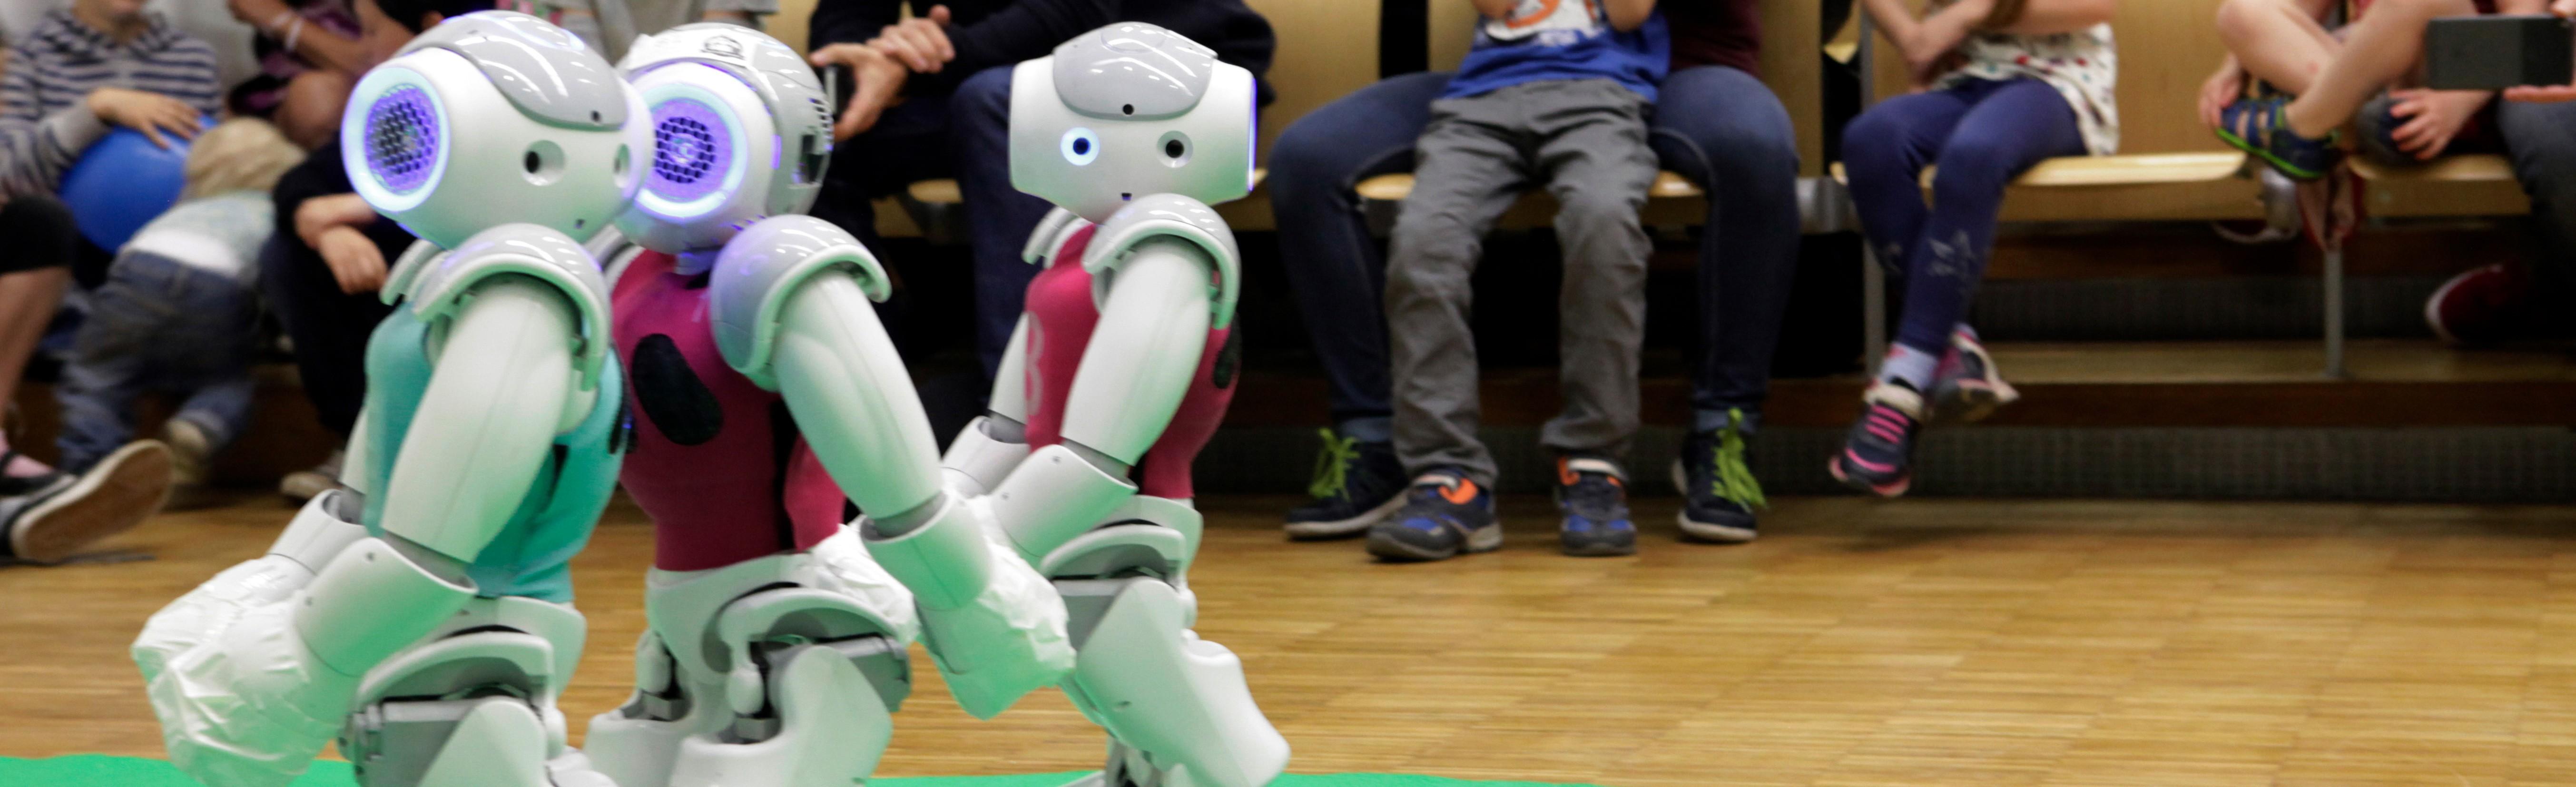 Von Robotern über den Menschen lernen